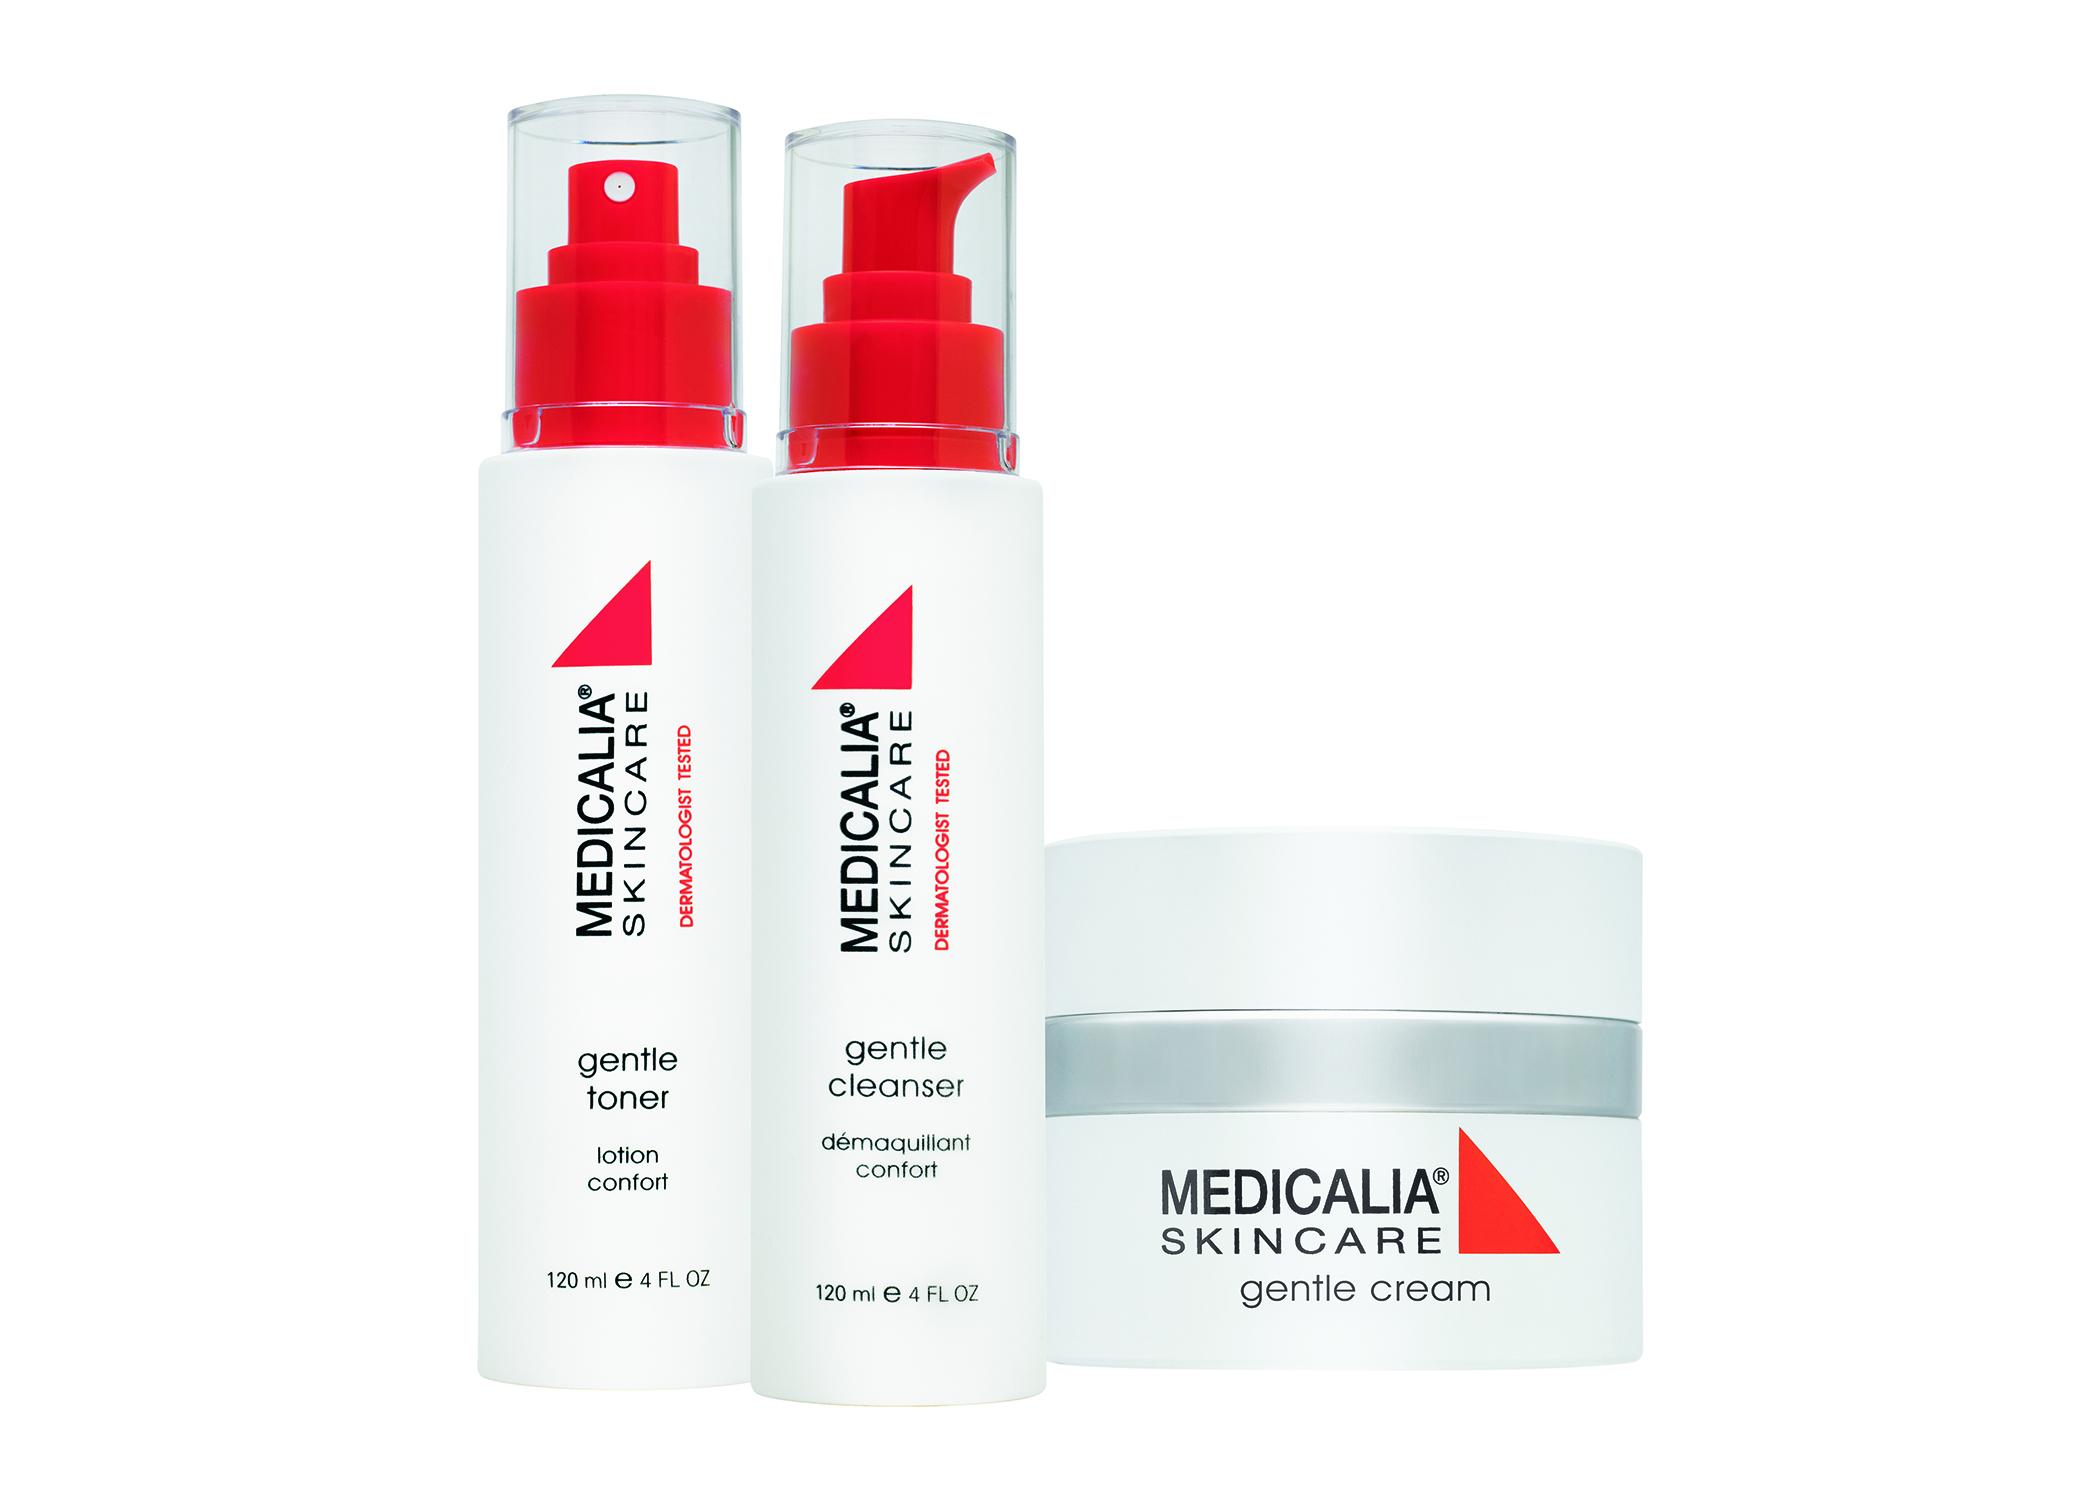 Medicalia advanced skincare